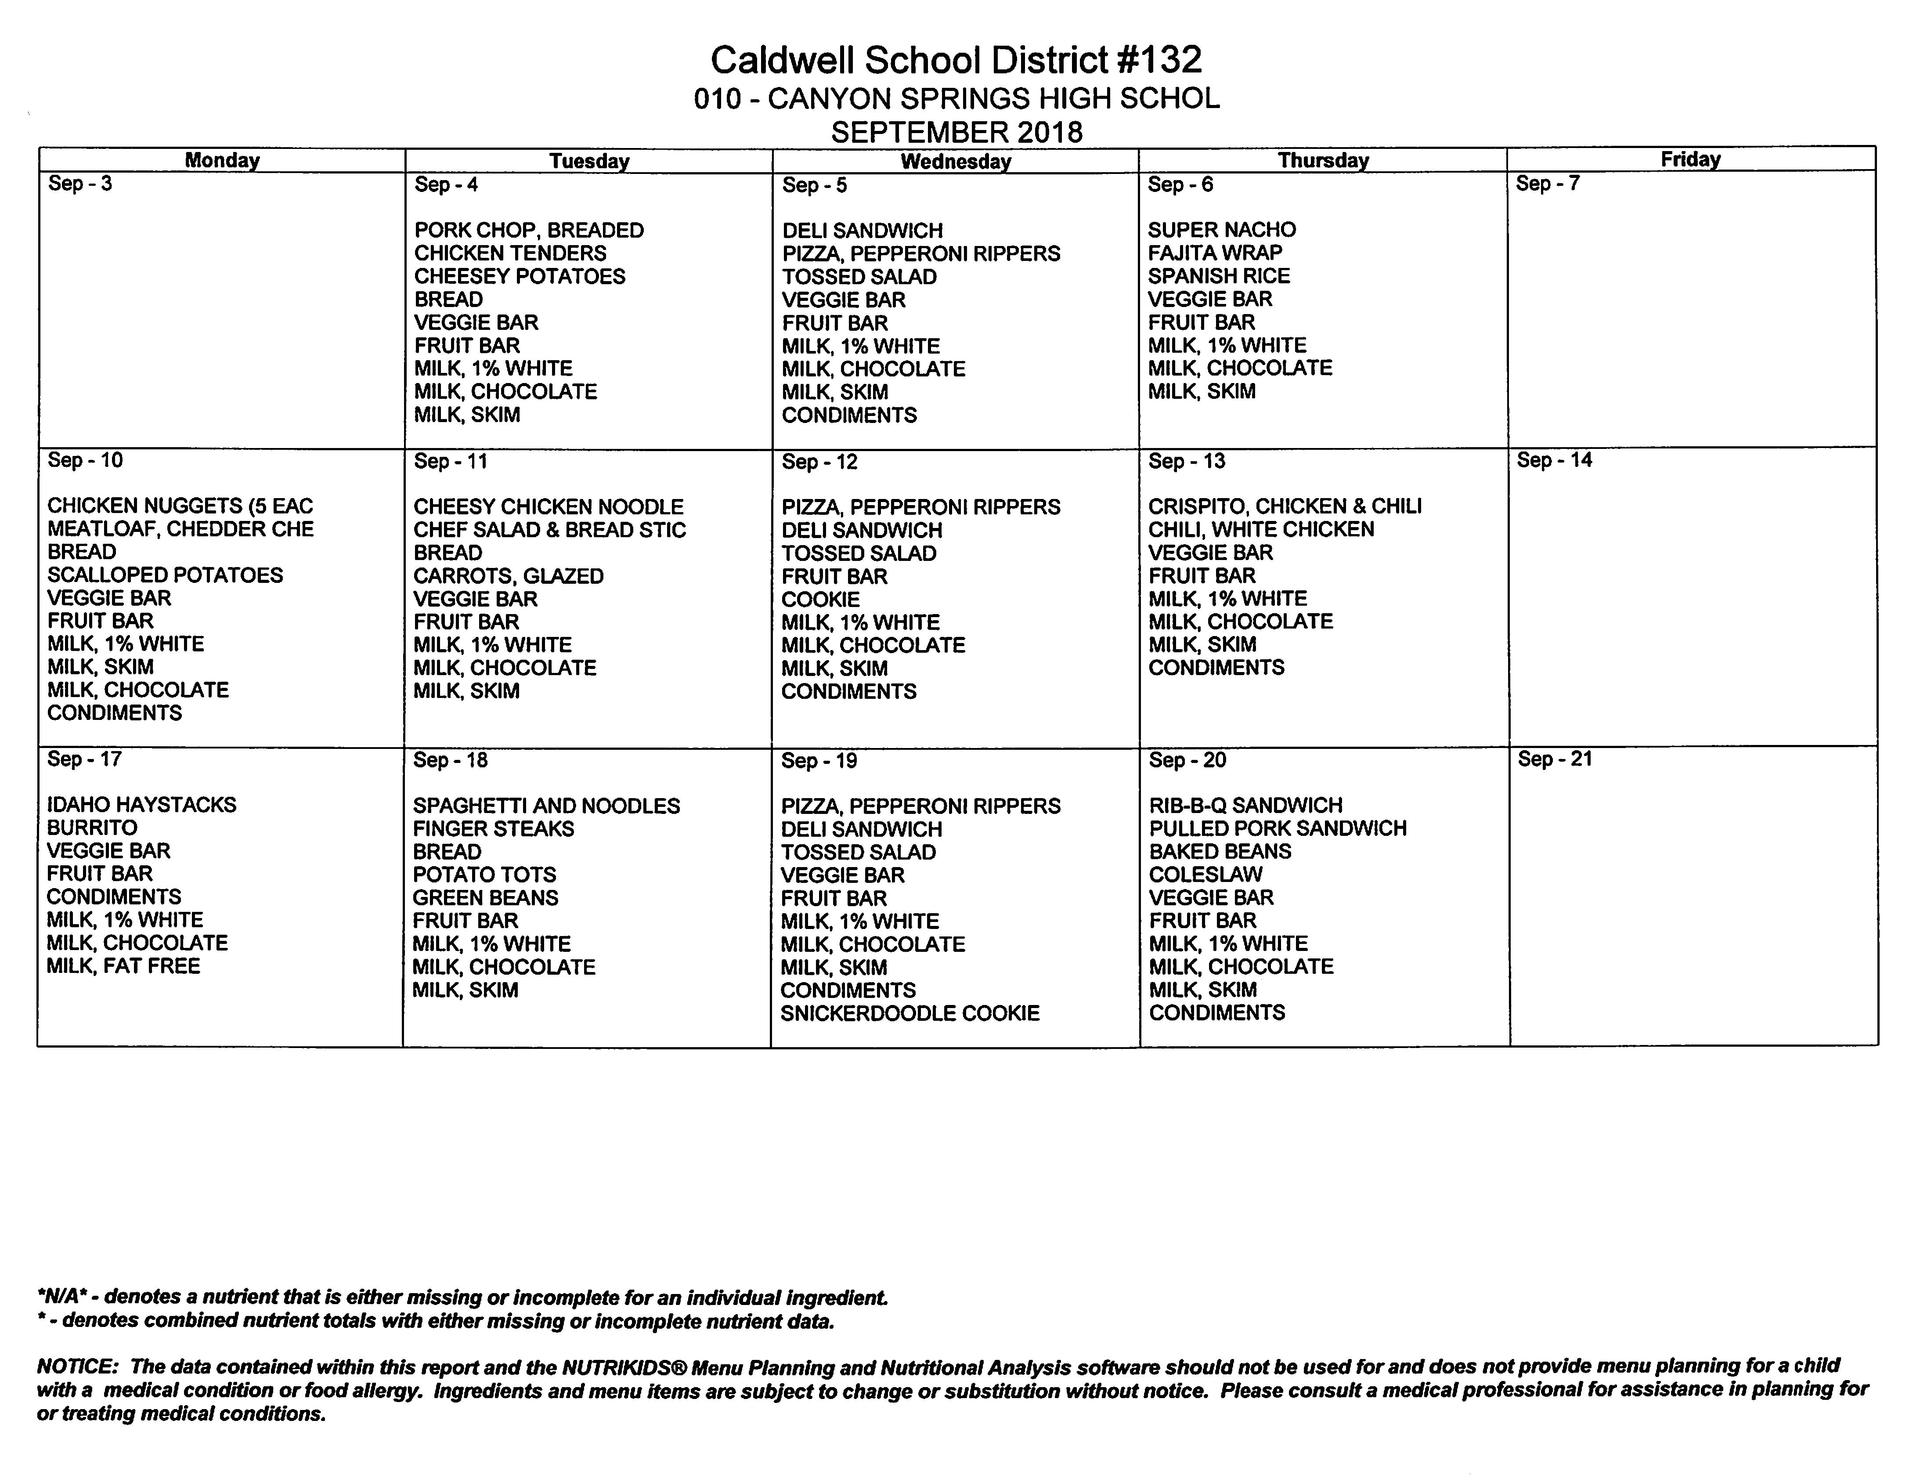 2018 September Lunch Menu Calendar format